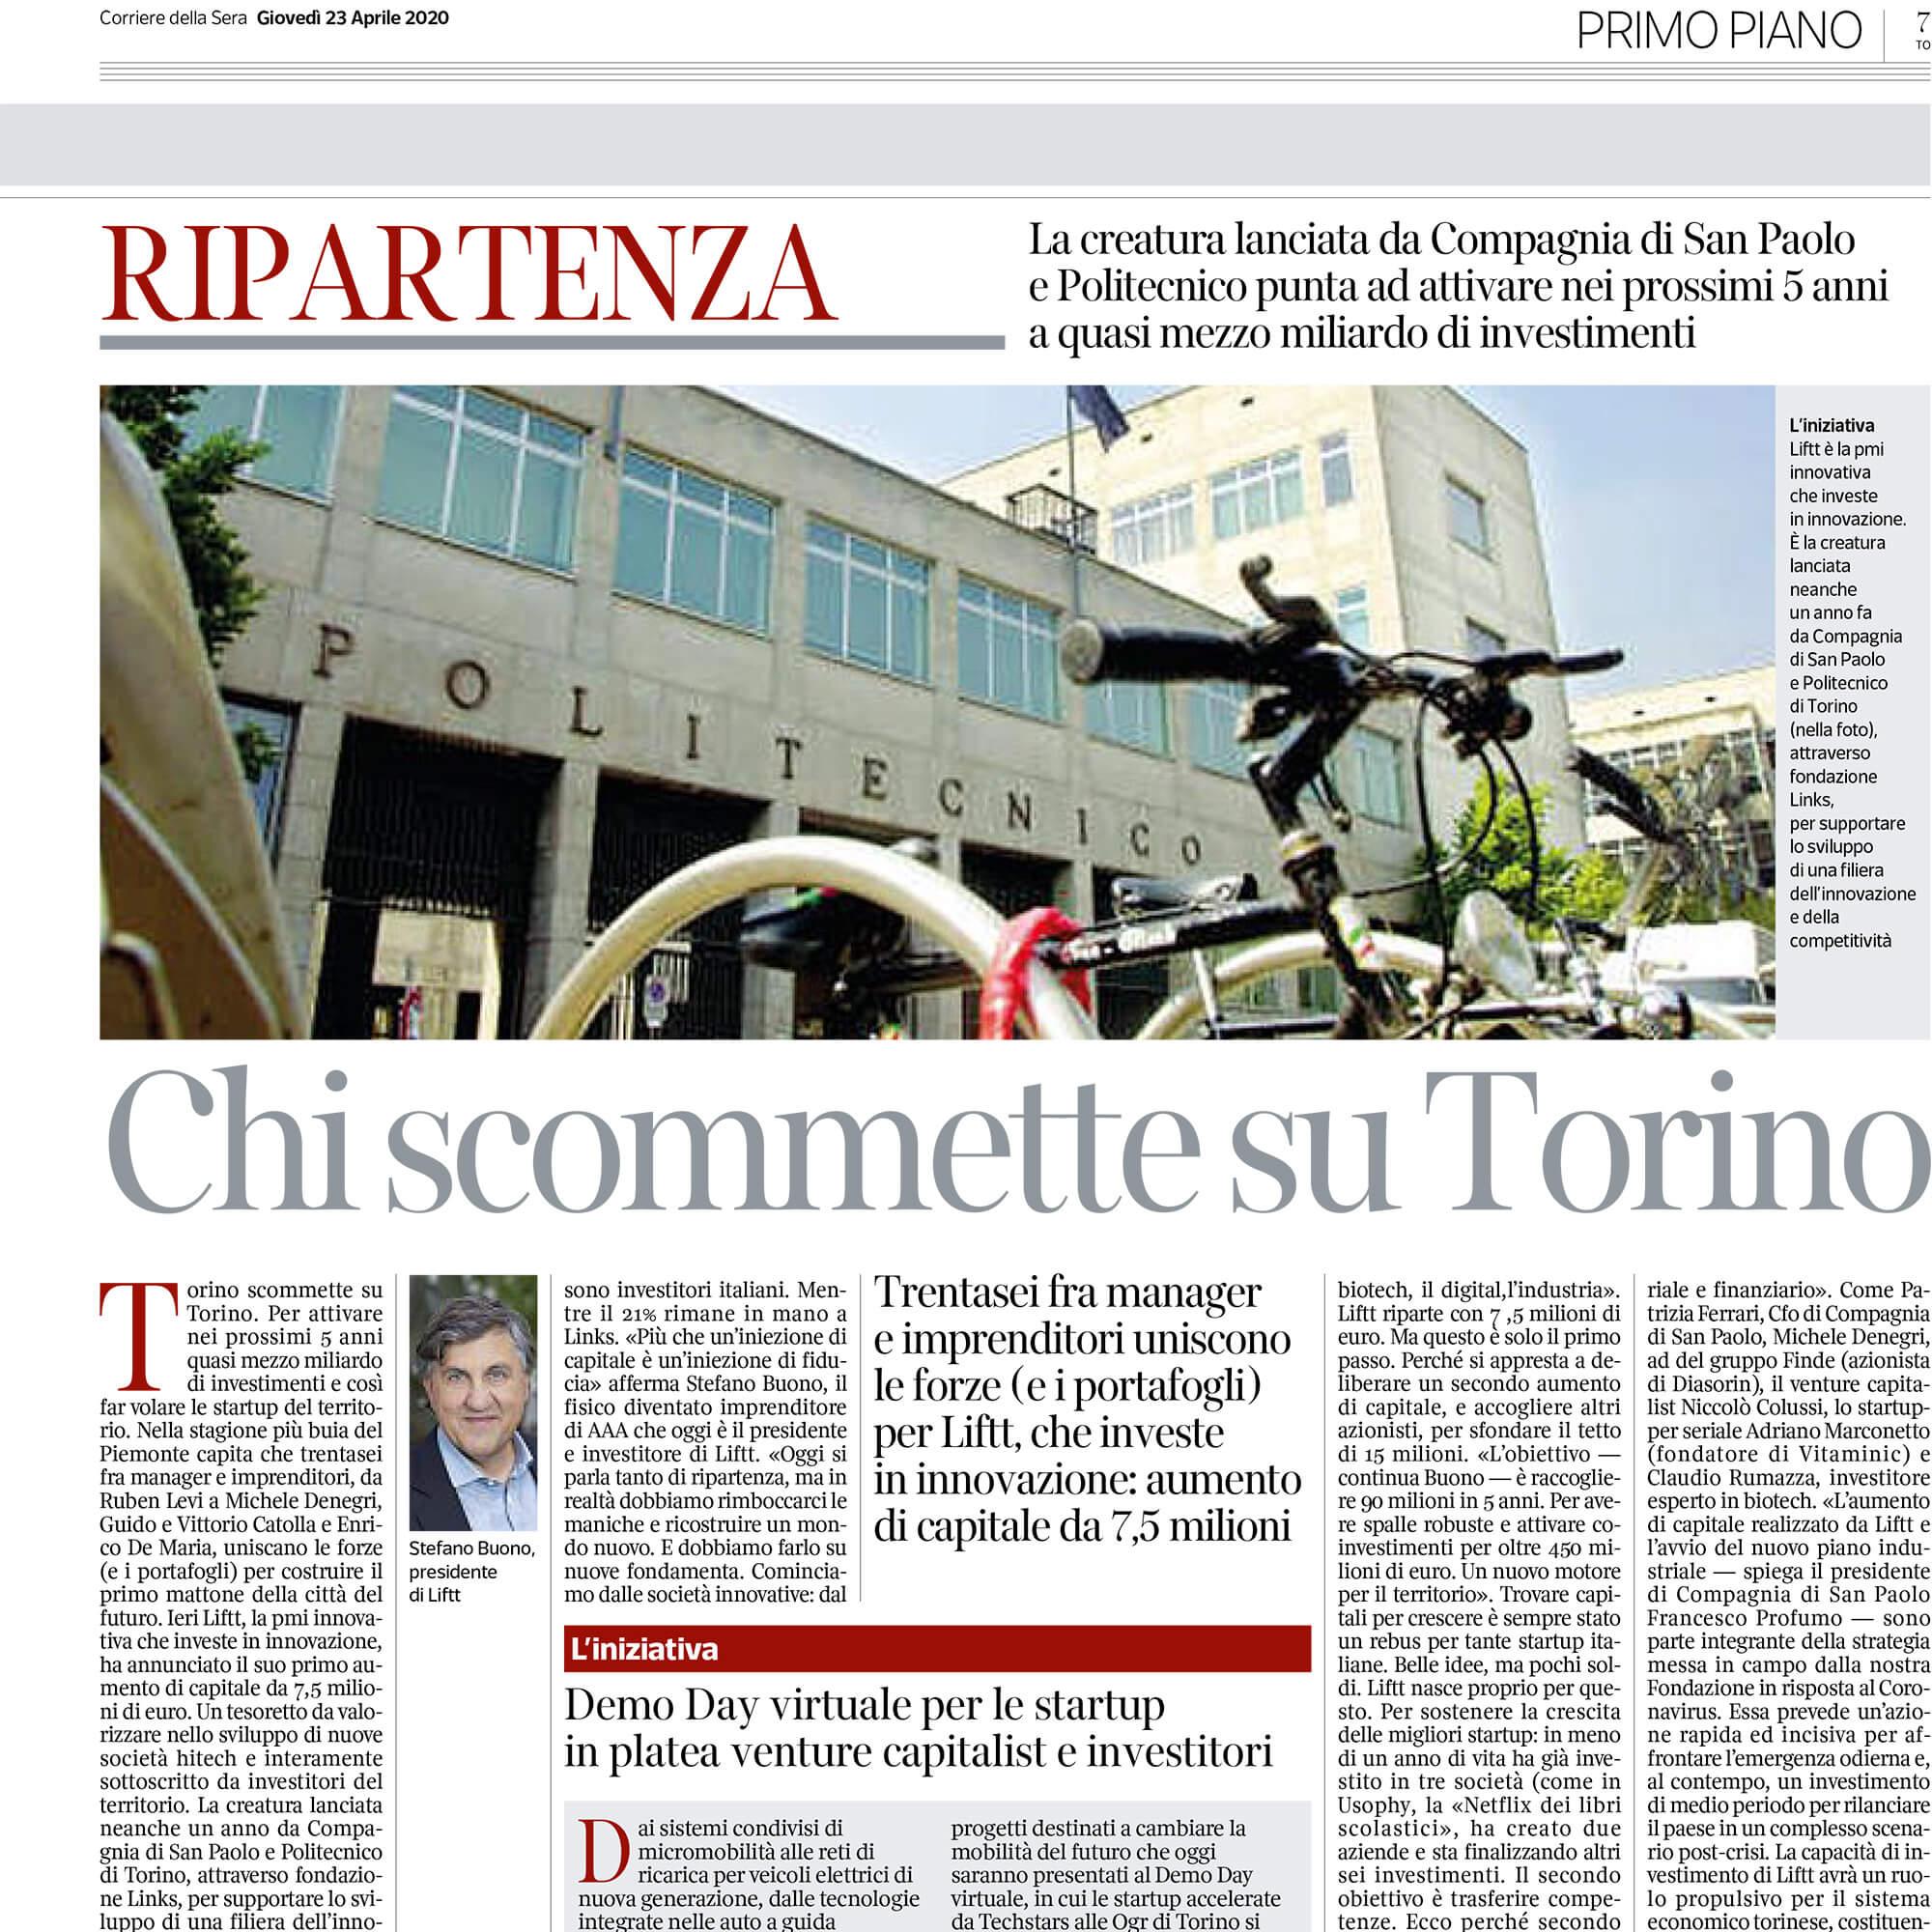 2020-04-23_LIFTT_Corriere_della_Sera